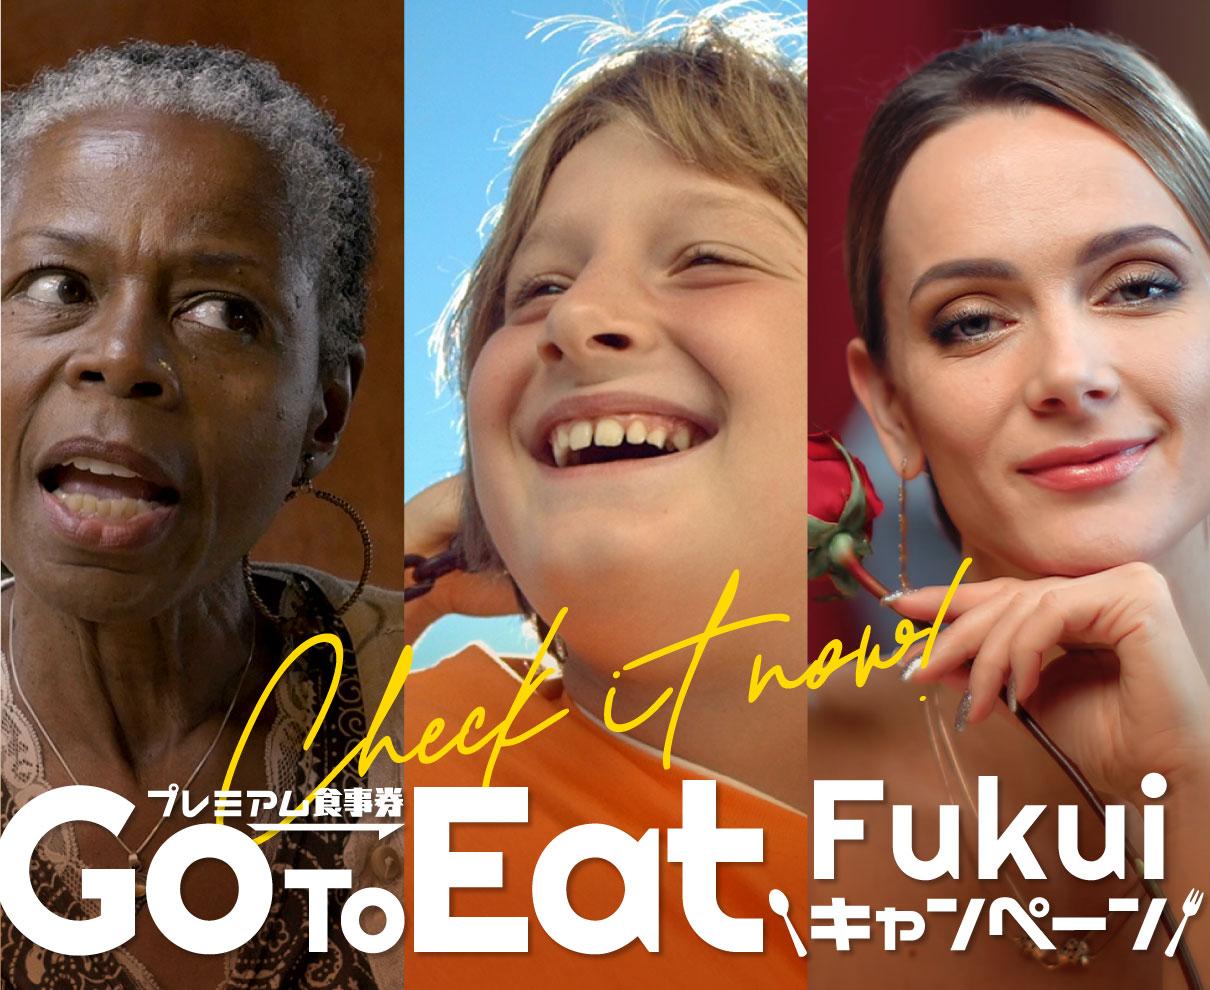 3パターン、すべて見せます! 福井県GoToEatキャンペーンの新コマーシャル。第一弾の販売は4月末まで。